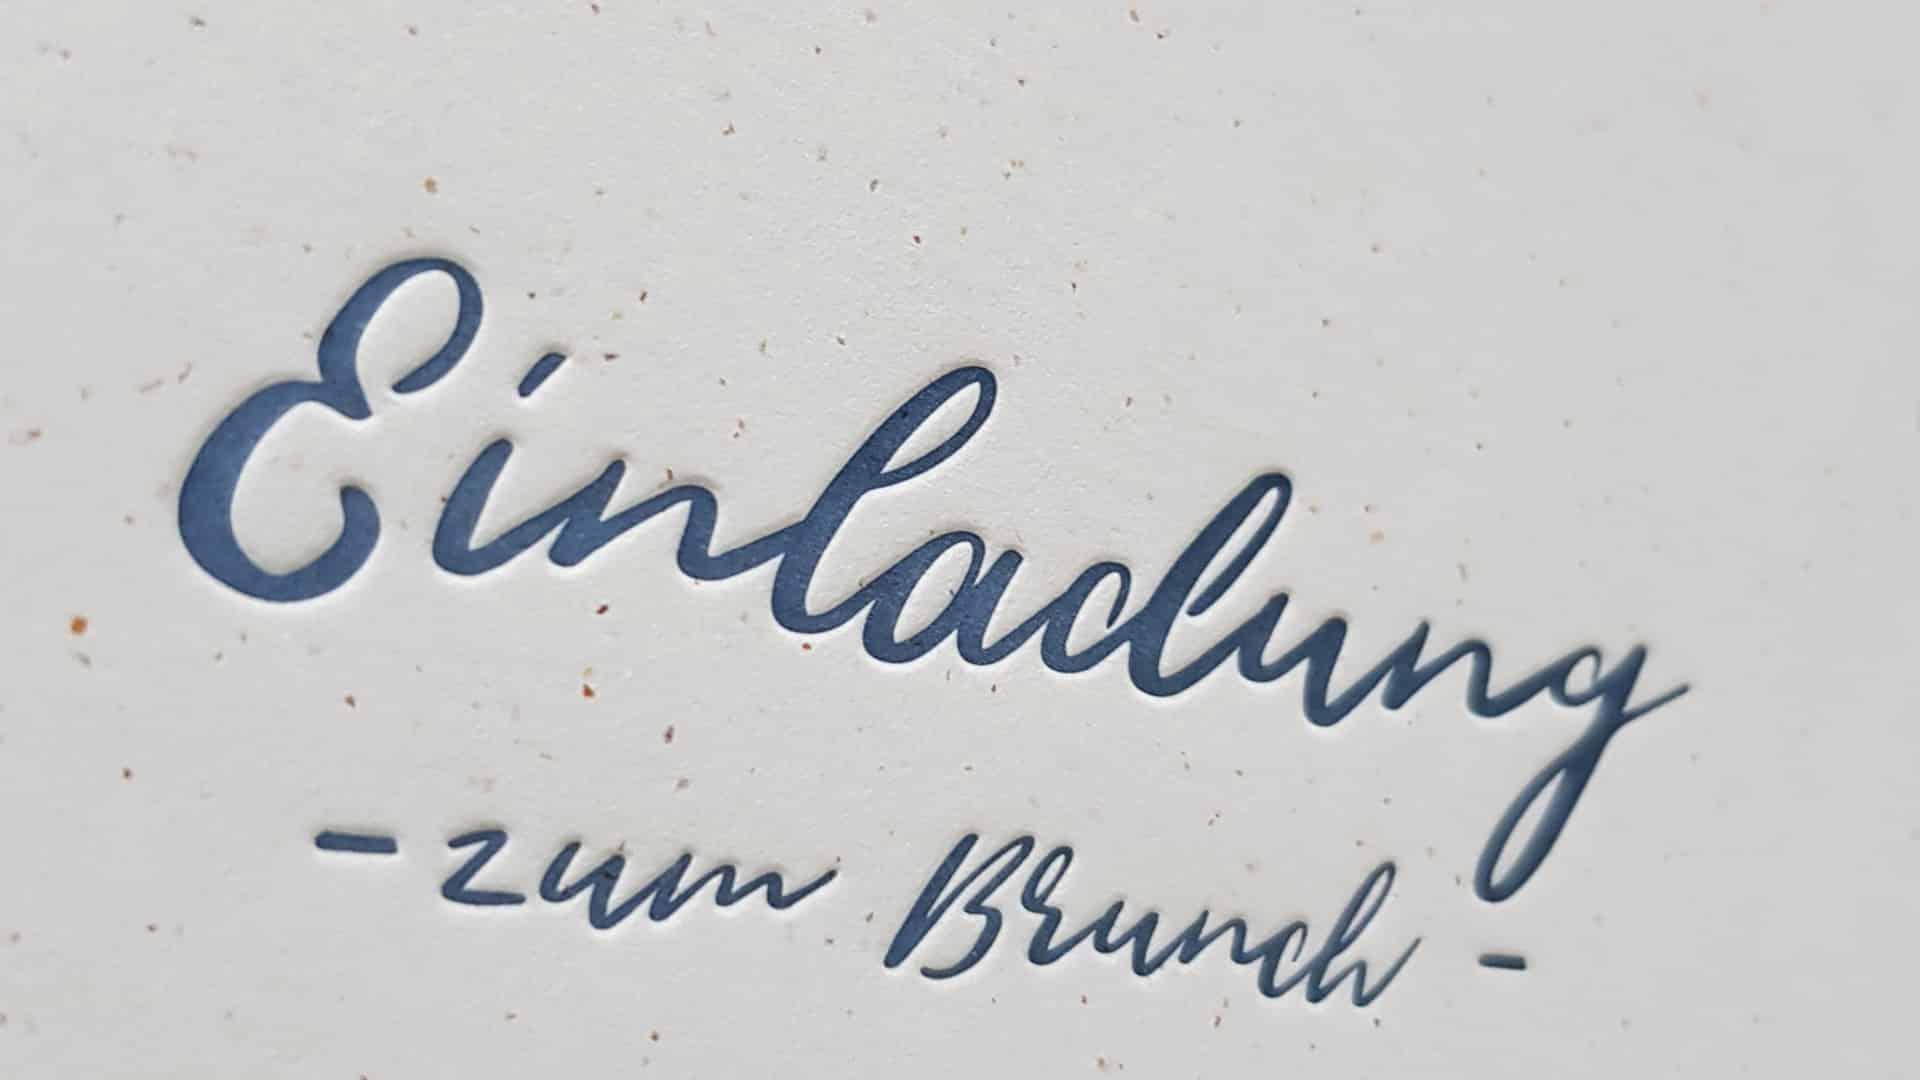 191008_Bilder_Slider_1920x10805